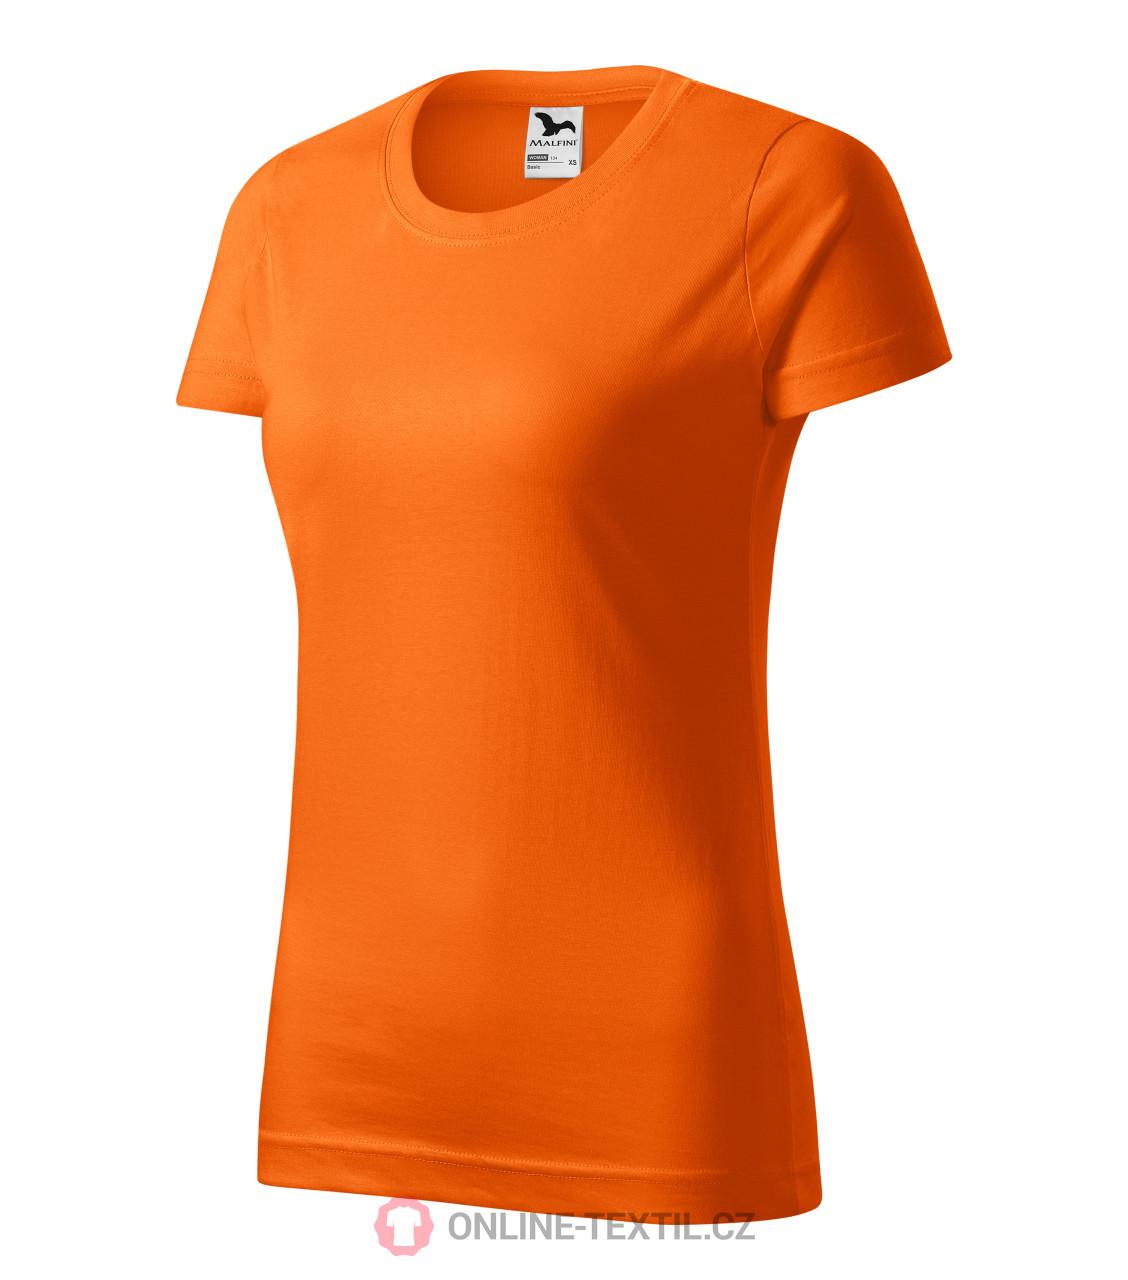 dbfc215e4fb ADLER CZECH Tričko dámské Basic 134 - oranžová z kolekce MALFINI ...